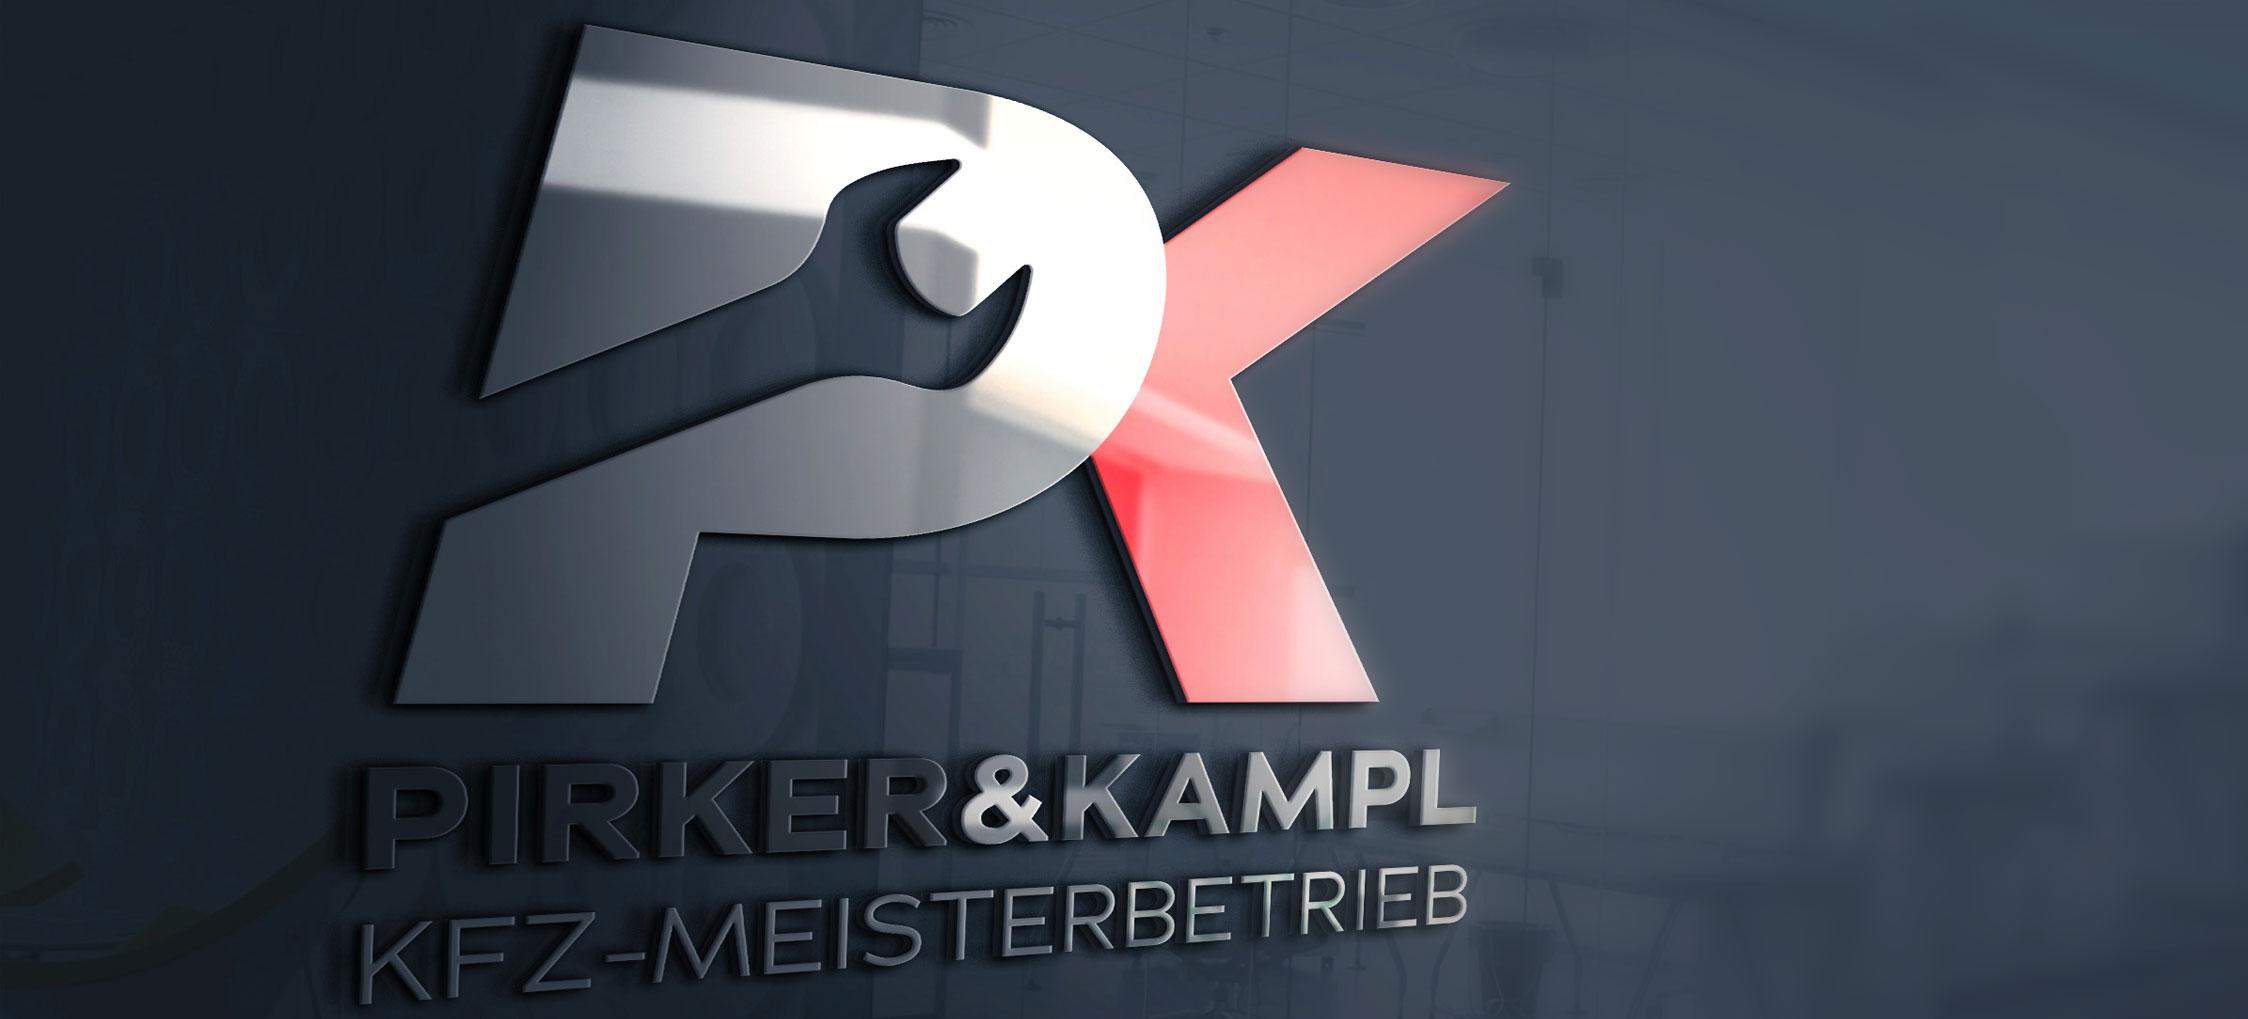 logo_pirker_kampl_xl